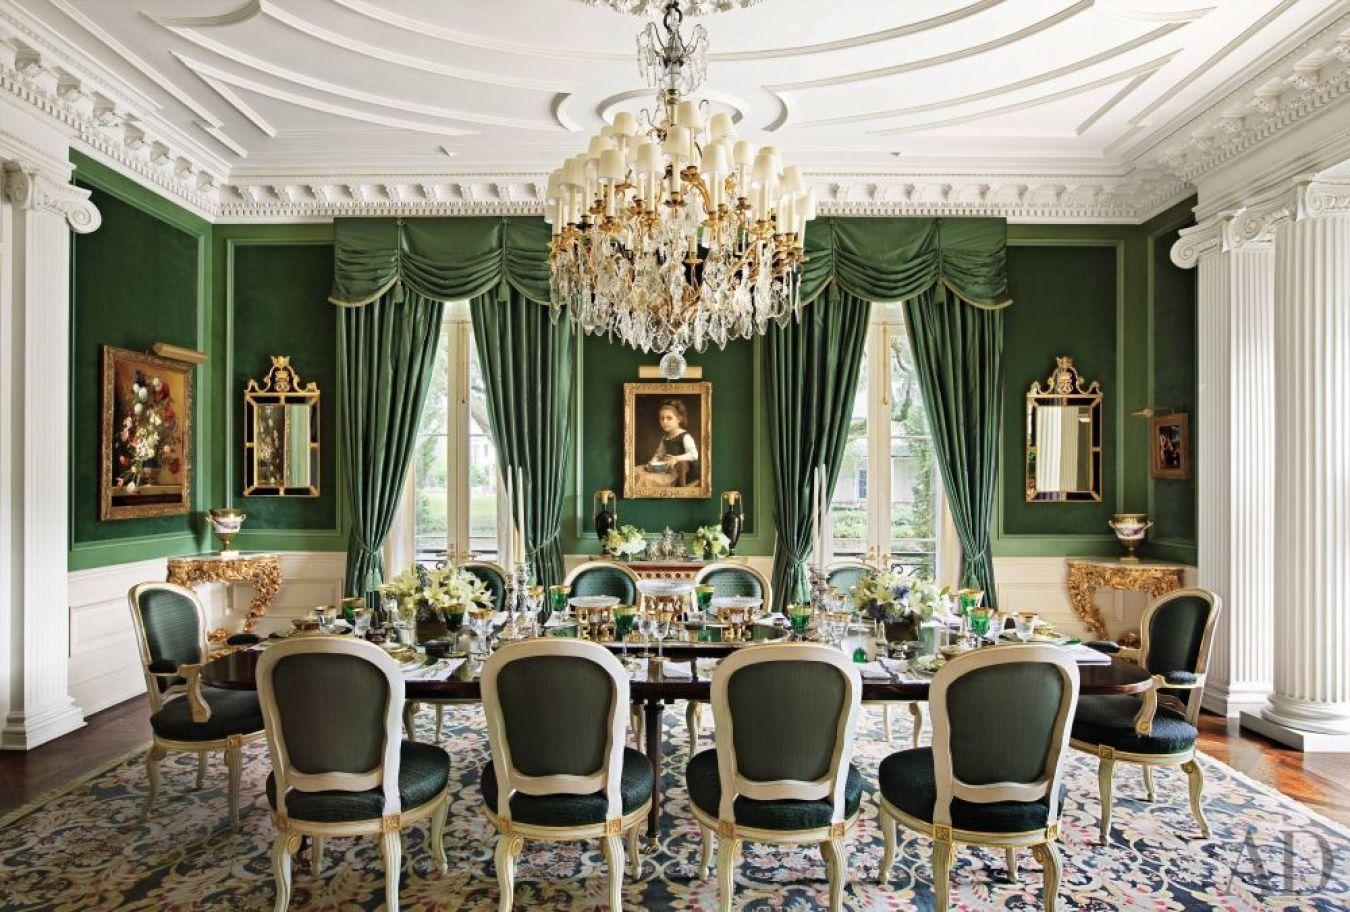 Интерьер столовой в изумрудном цвете в стиле дворцовой классики